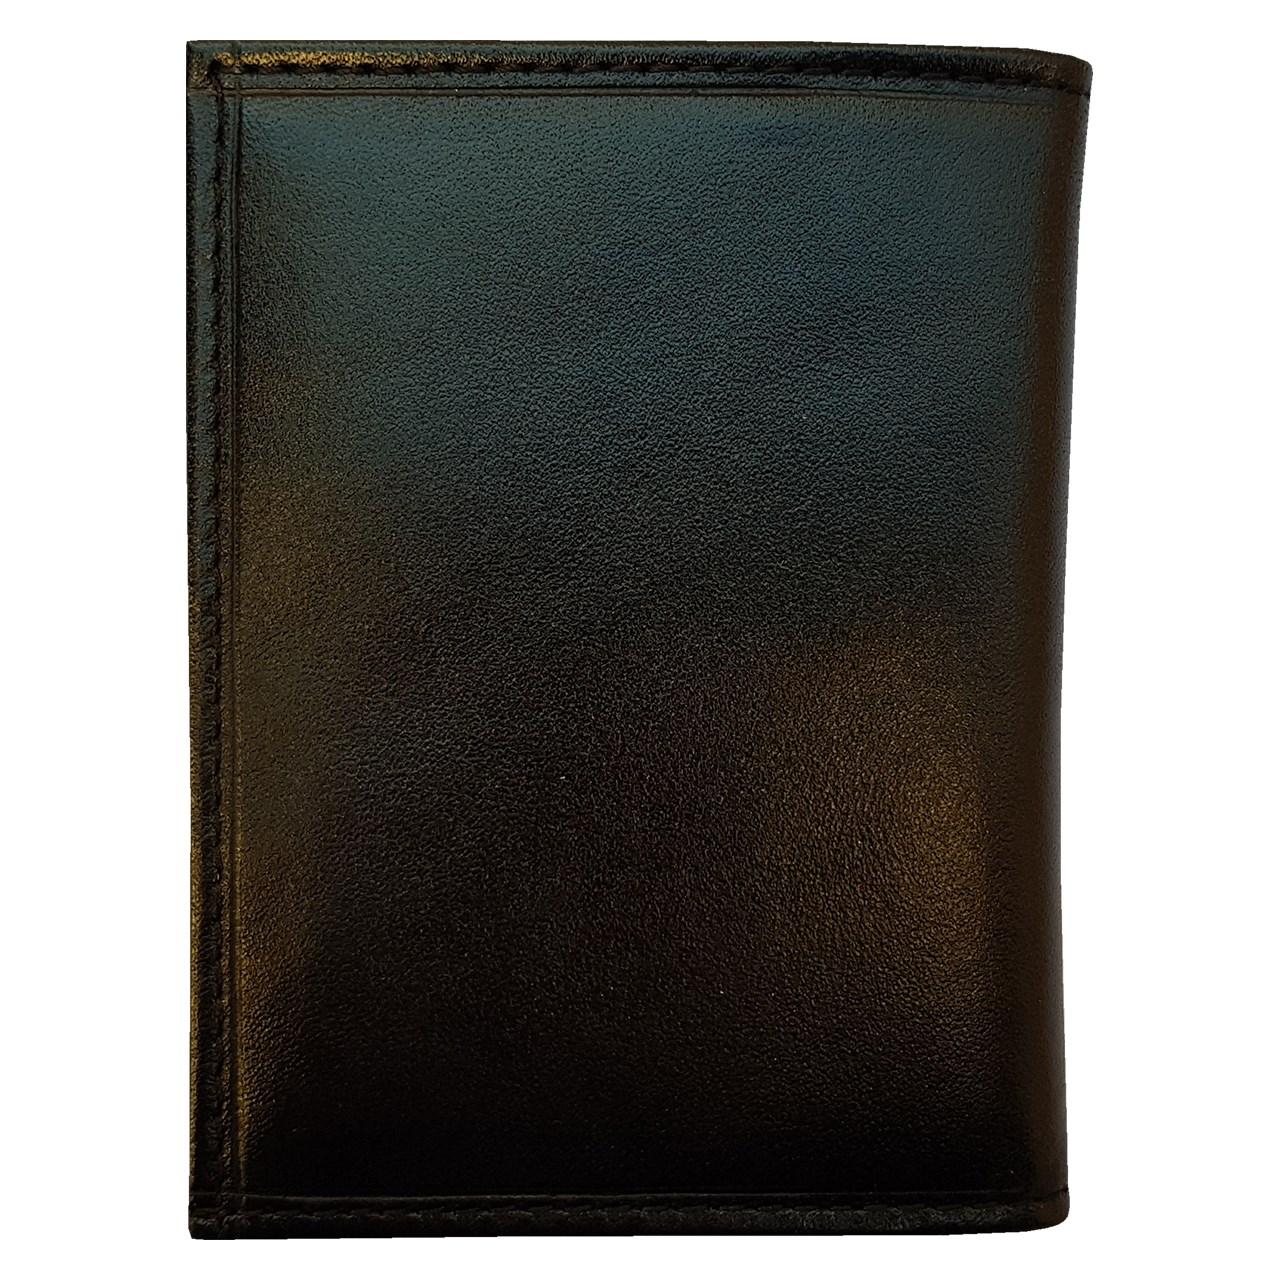 قیمت جاکارتی آلبومدار چرم دیاکو مدل atm105-albom